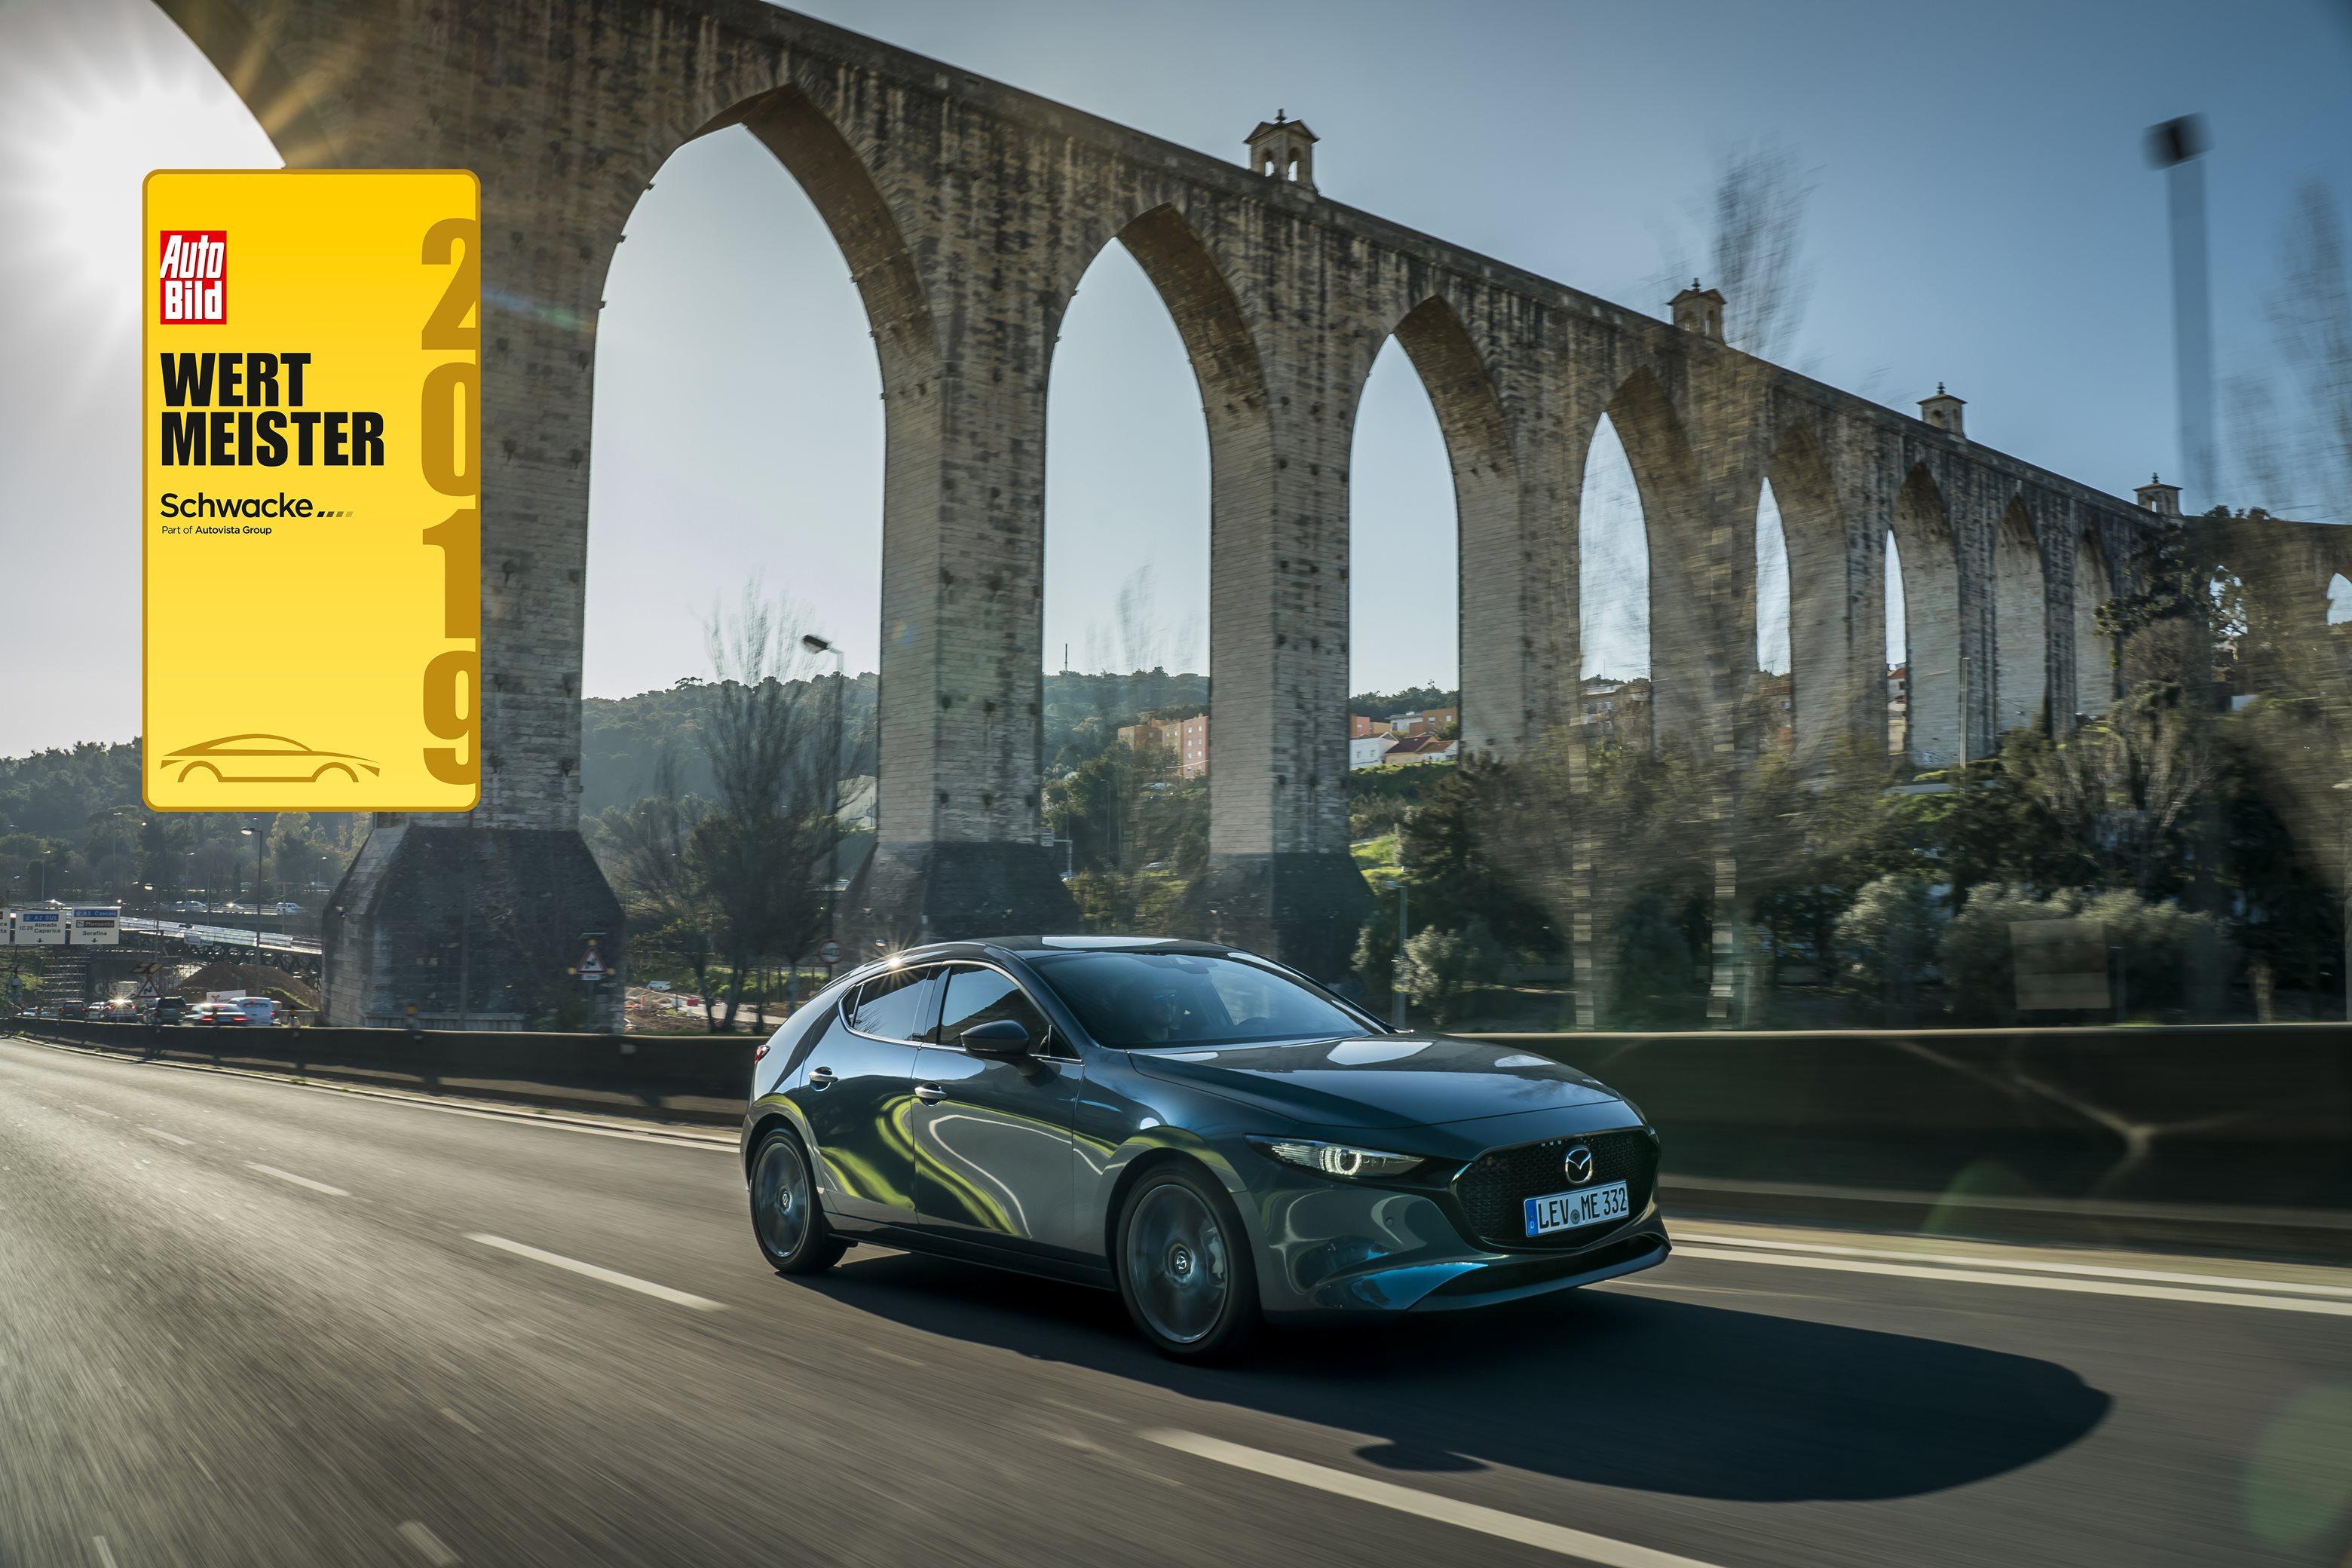 Auto Bild und Schwacke küren Mazda3 zum wertstabilsten Kompaktwagen